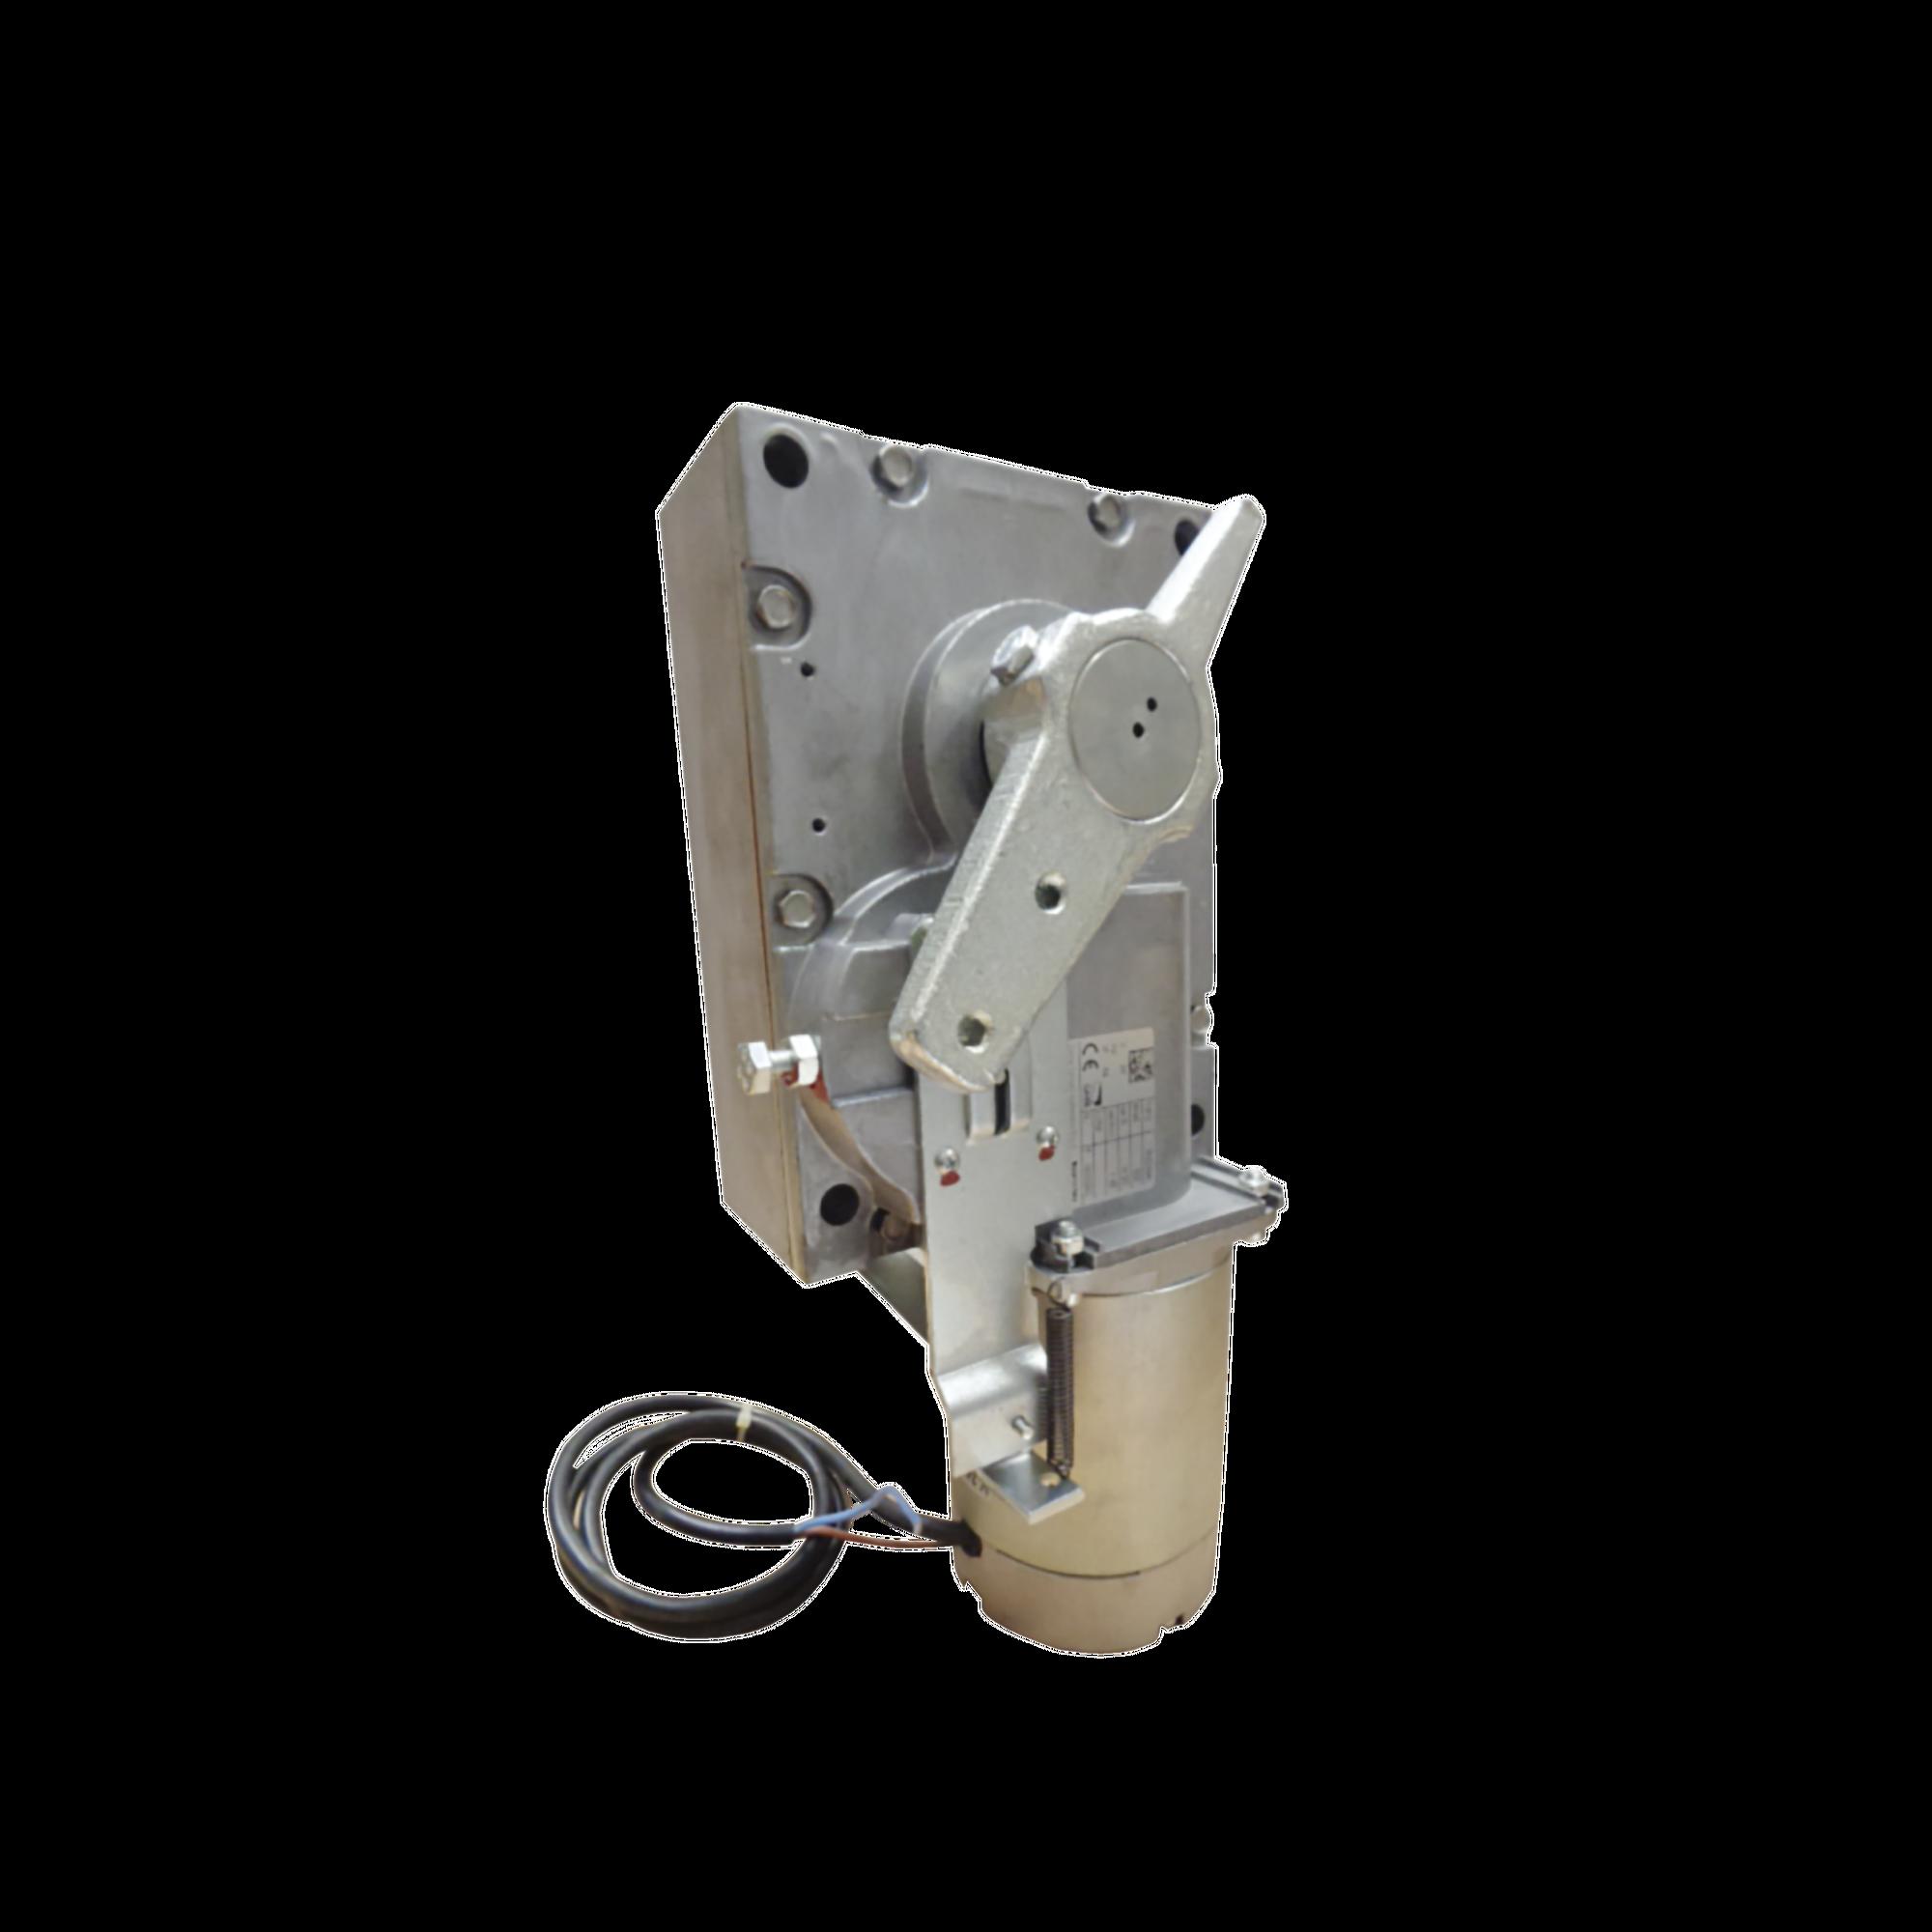 Motor for CAME Barrier model G4000